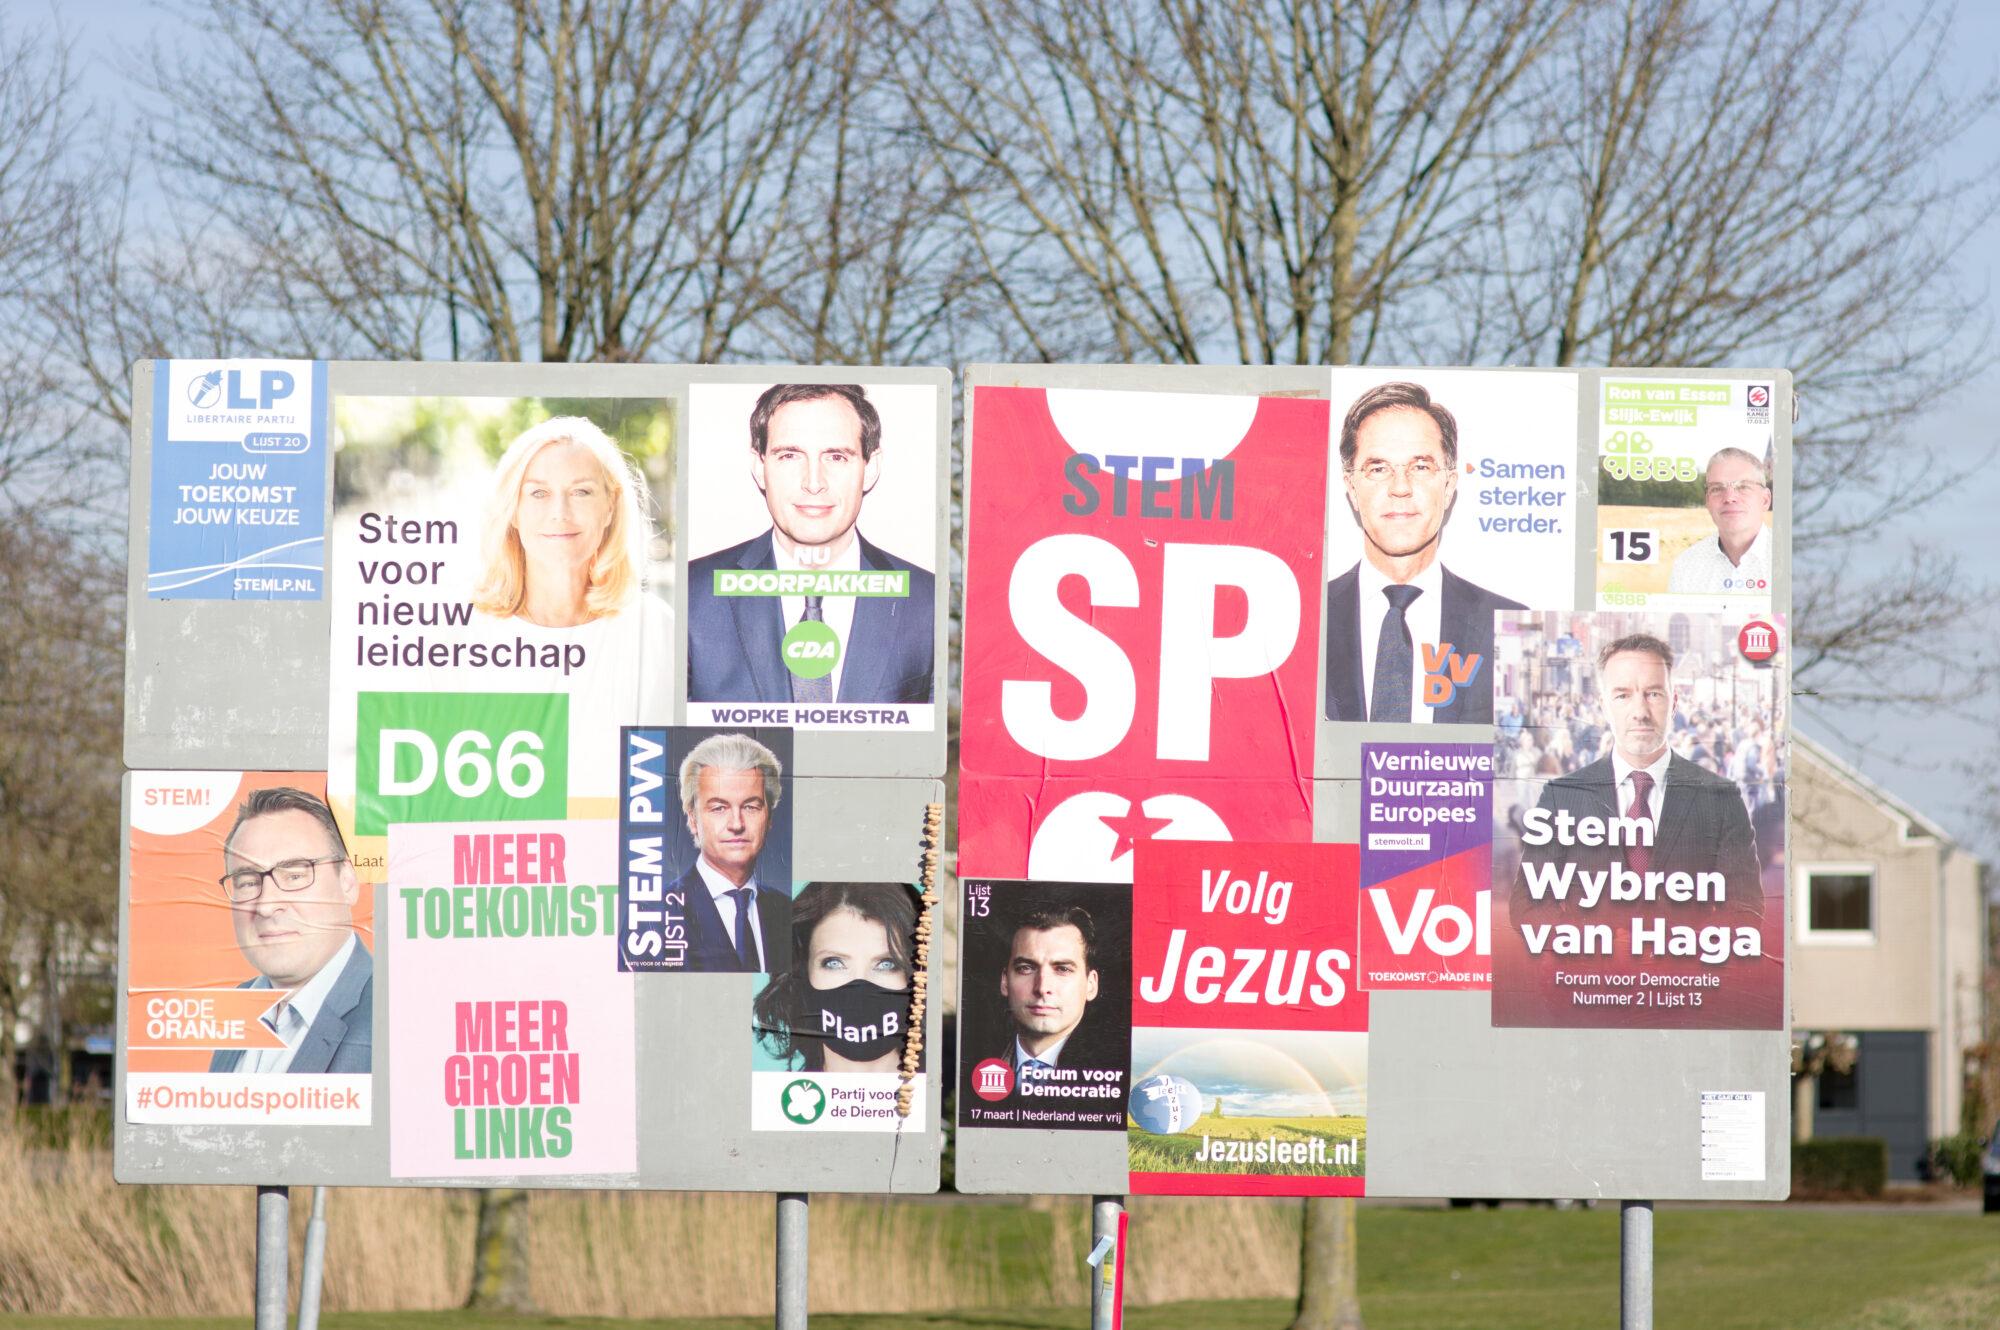 Voorlopige uitslag Tweede Kamerverkiezingen gemeente Zutphen; D66 grootste partij